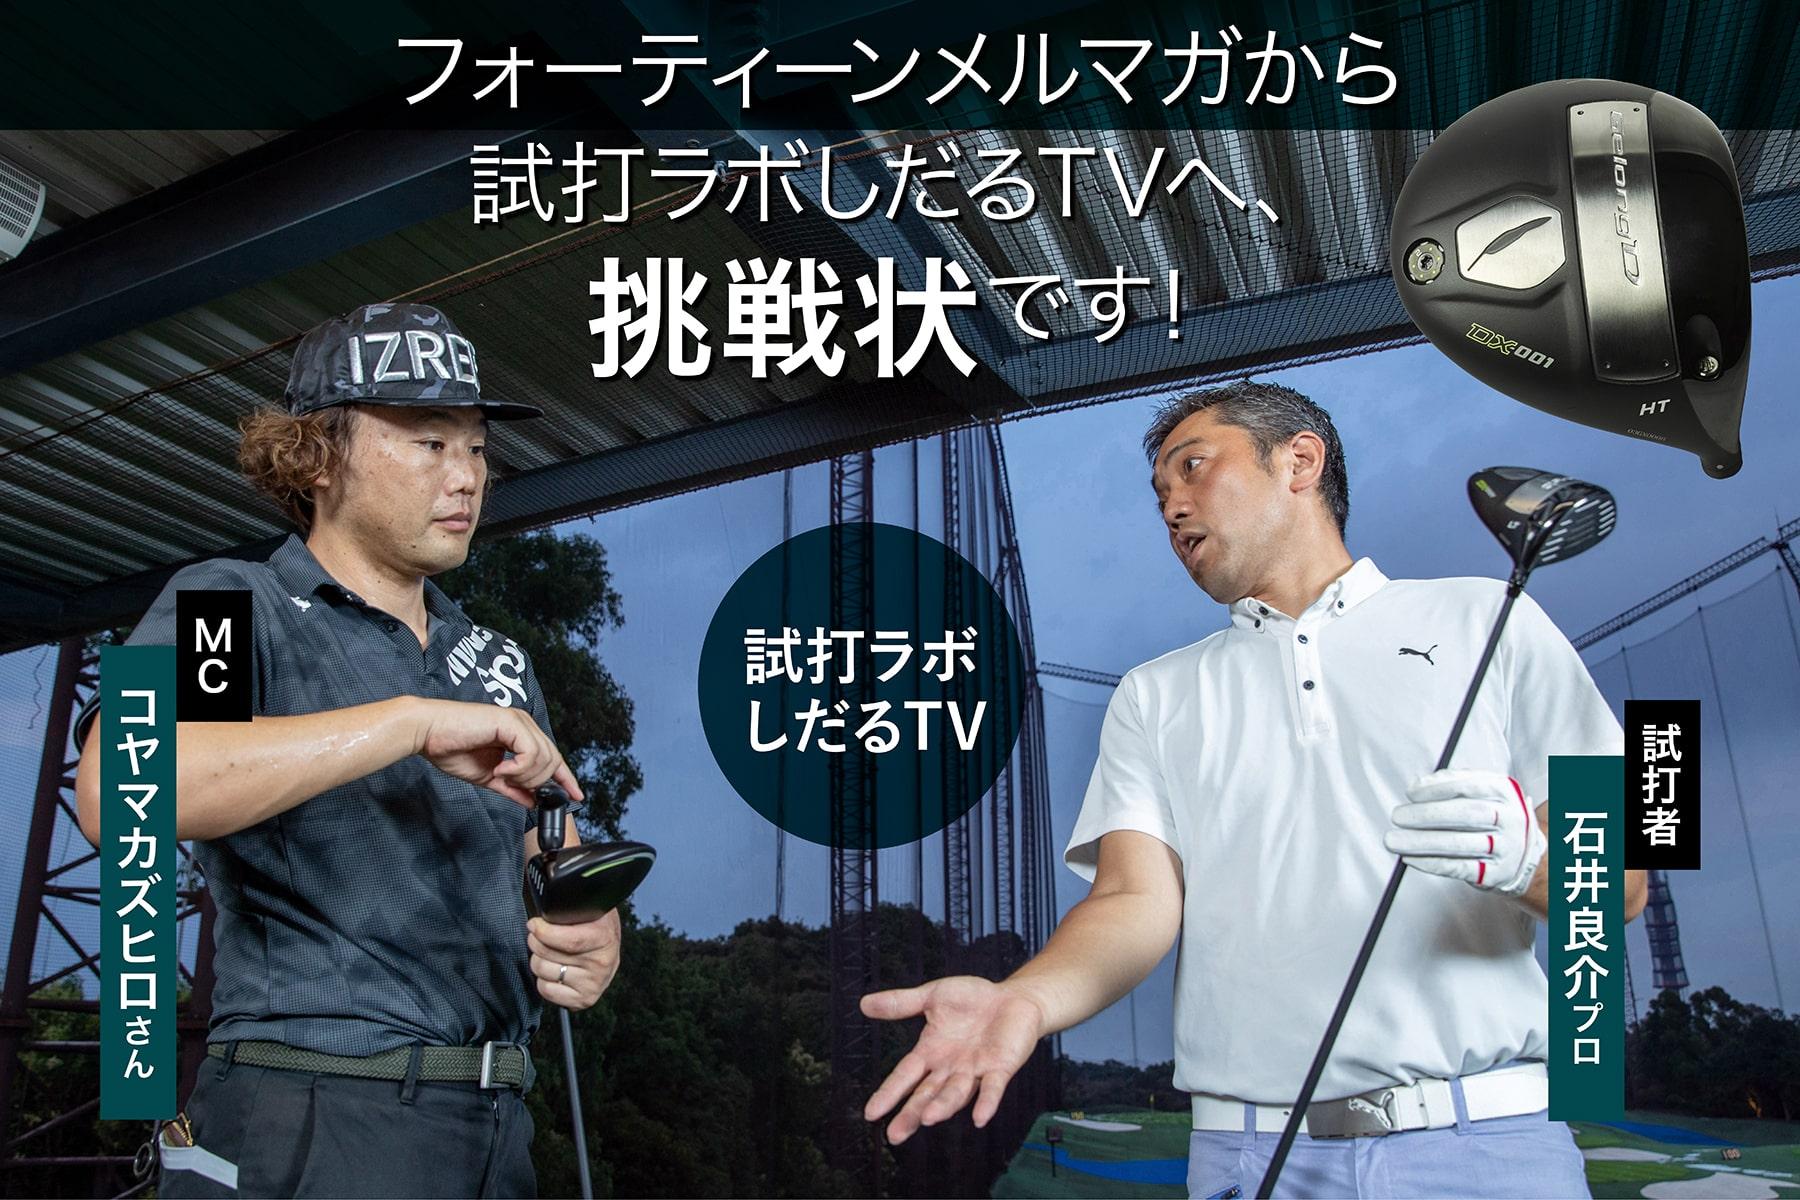 新ゲロンD「DX-001」 インプレッション! 試打ラボしだるTV VS真剣勝負! フォーティーン